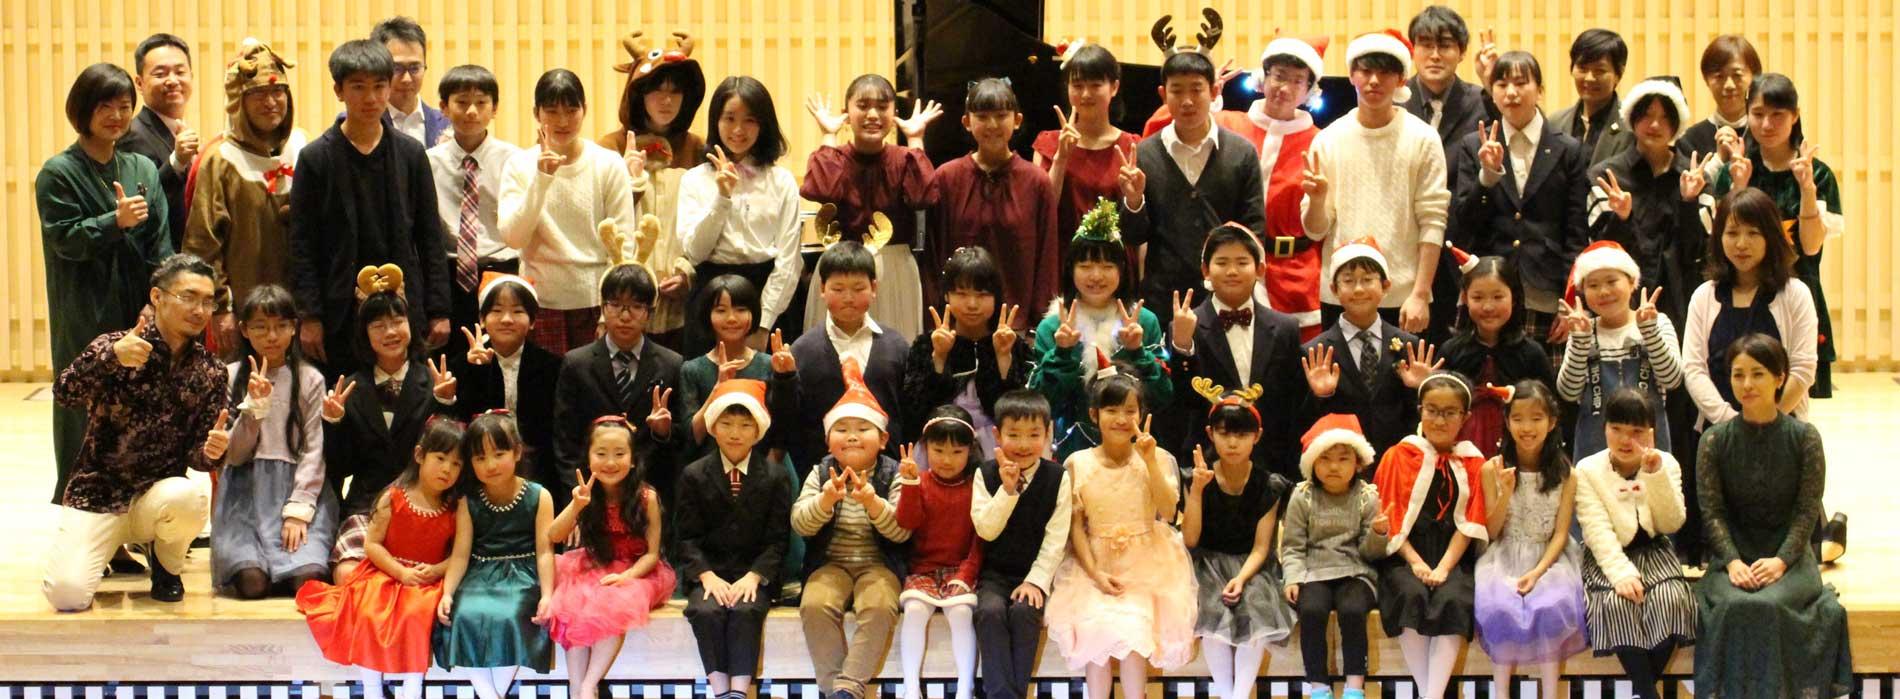 福島県郡山市のピアノ教室 小林音楽教室 コンサート写真